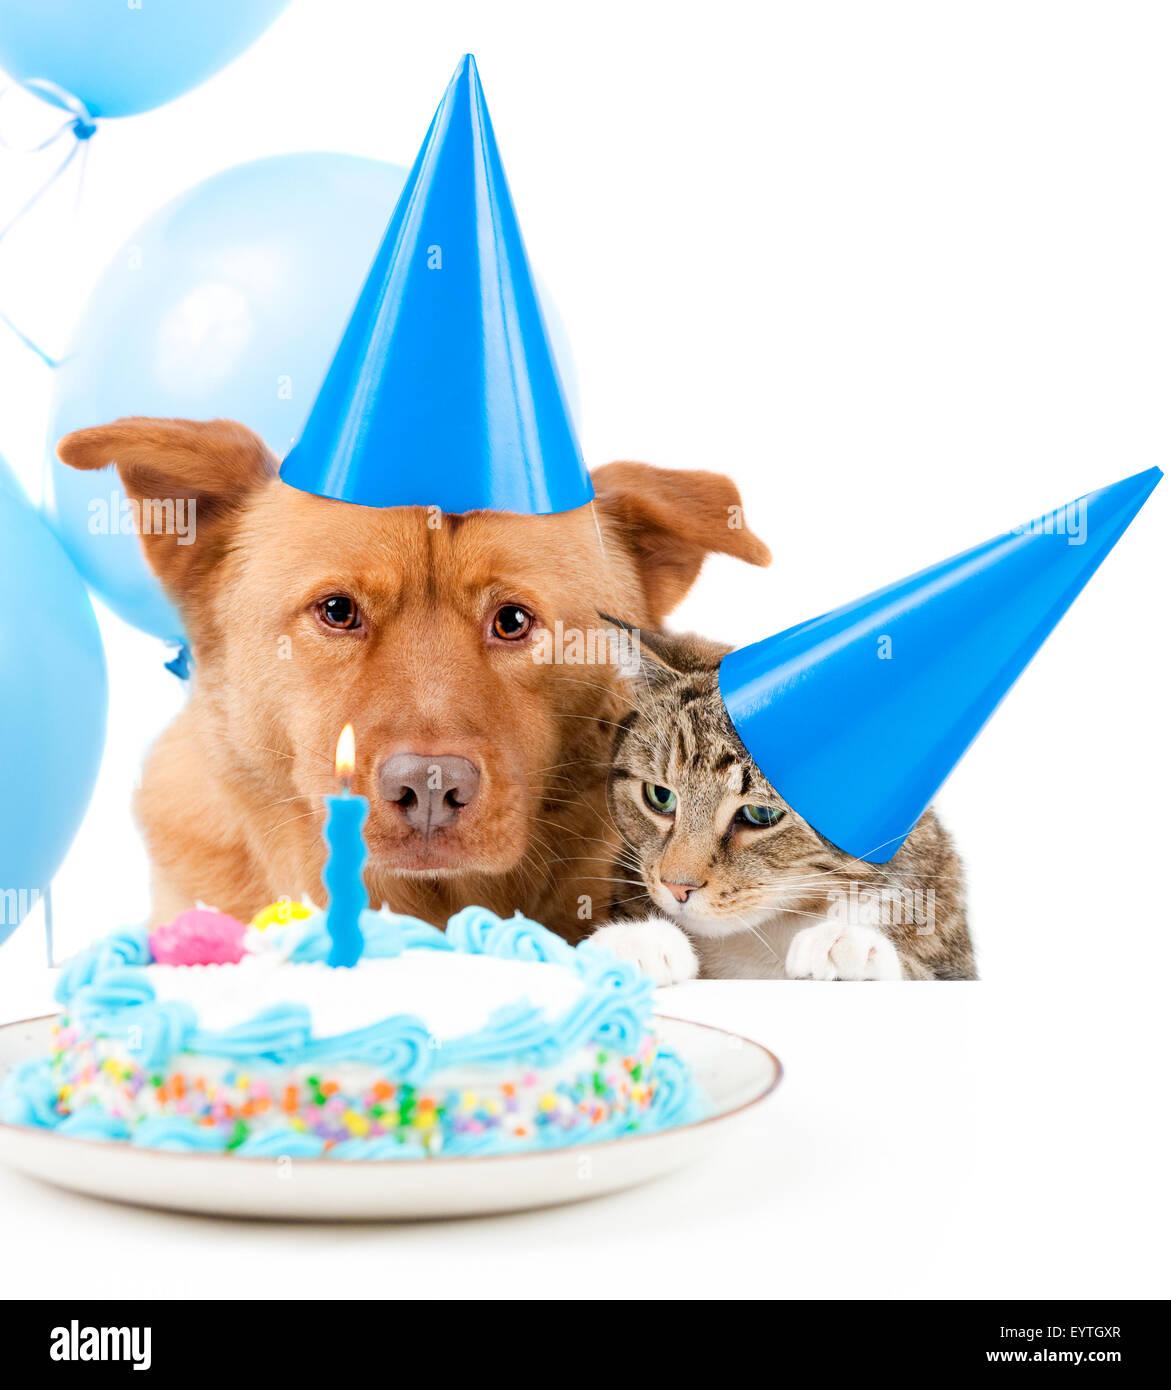 Cane E Gatto Festa Di Compleanno Con Torta Foto Immagine Stock